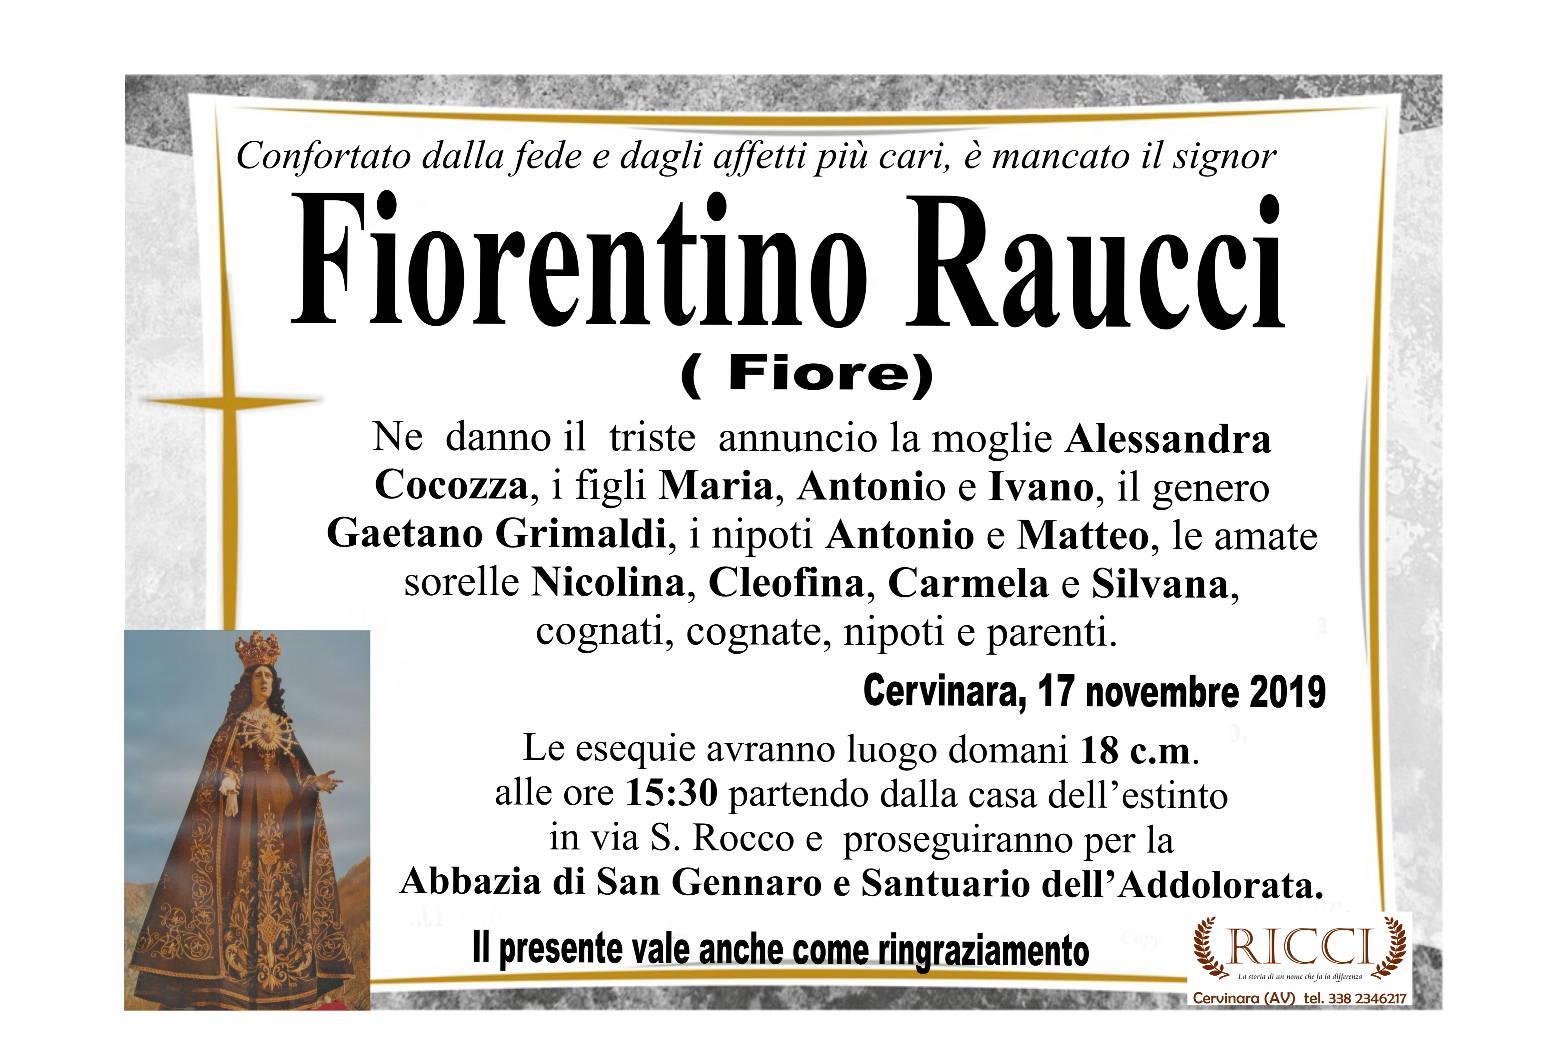 Fiorentino Raucci